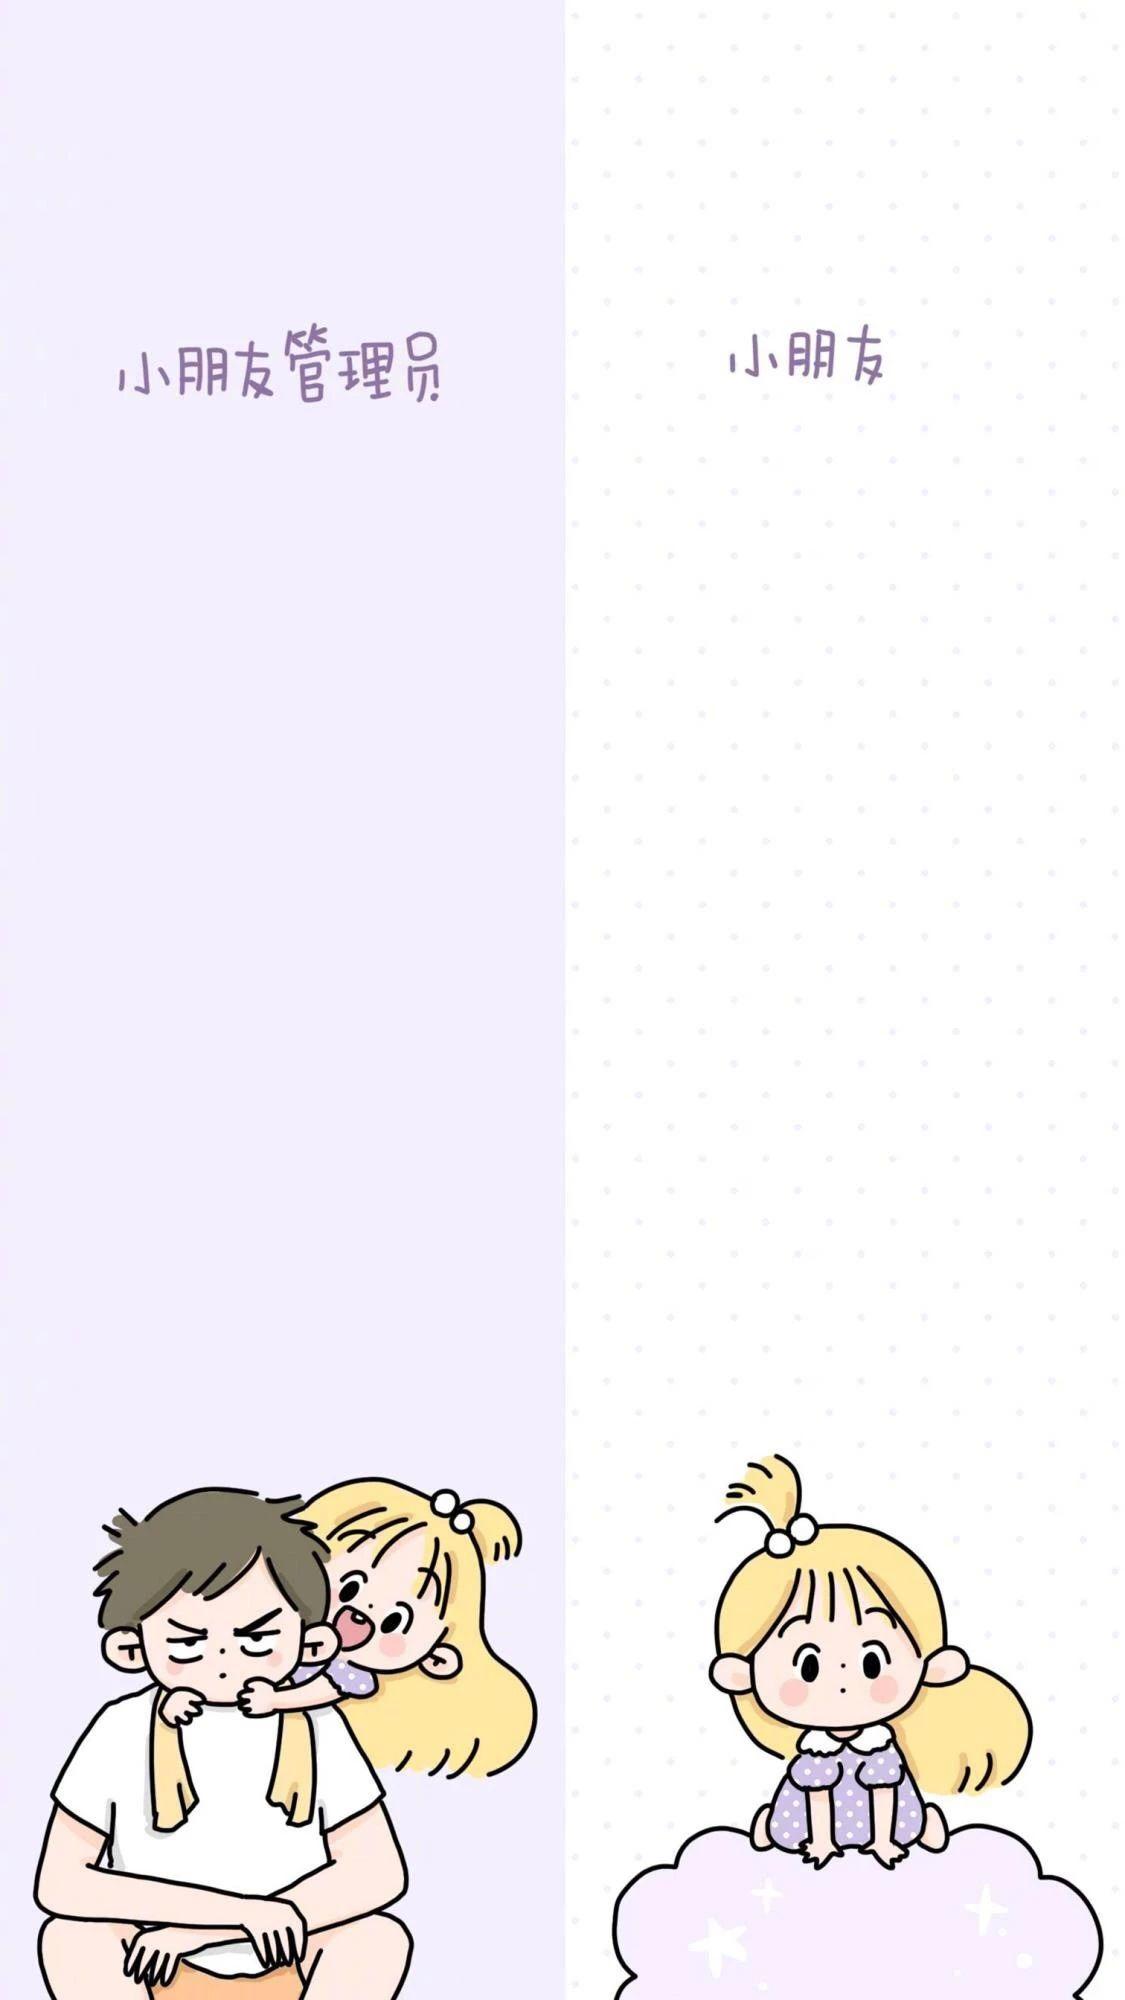 QQ微信聊天背景图:发财和发朋友圈,你总要发一个吧!插图29